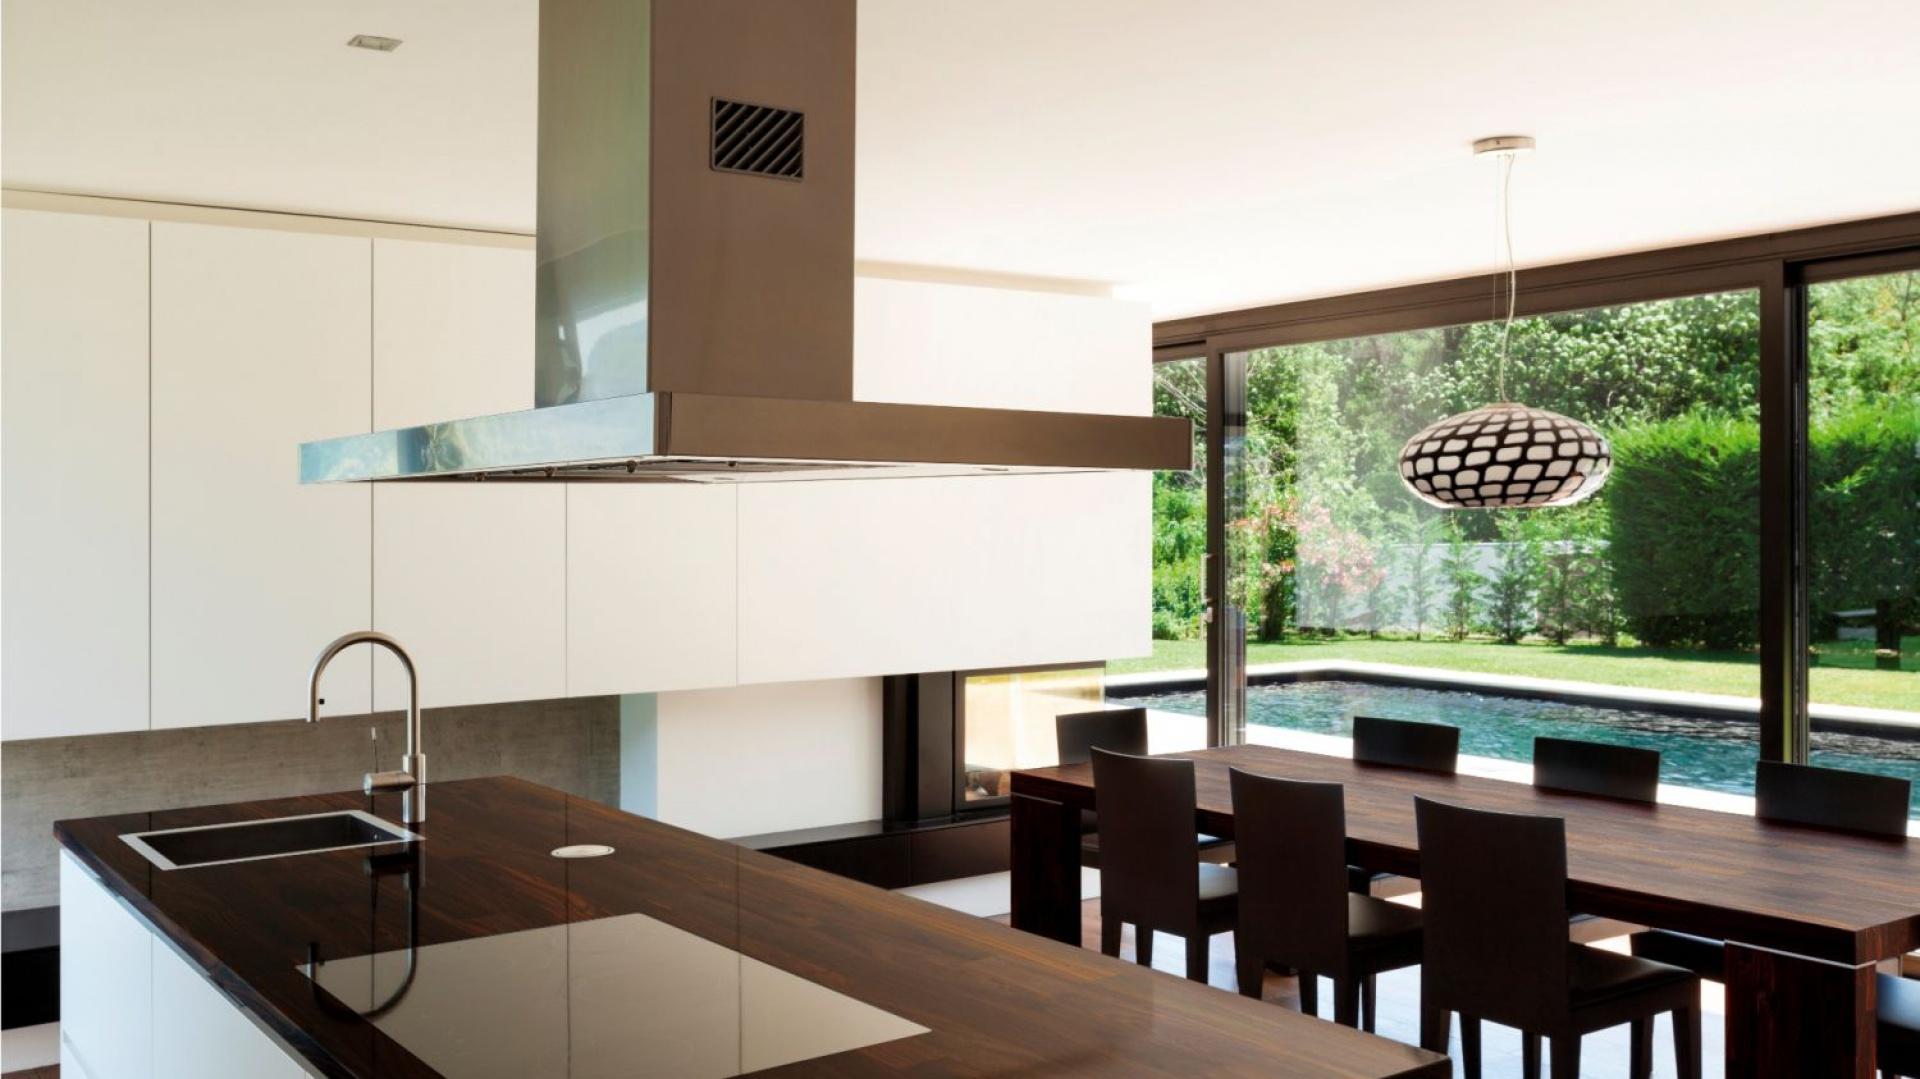 Naturalne drewno palisandrowe jest surowcem z jakiego wykonano blat w tej nowoczesnej kuchni. Pięknie wieńczy jasną wyspę kuchenną. Fot. DLH.